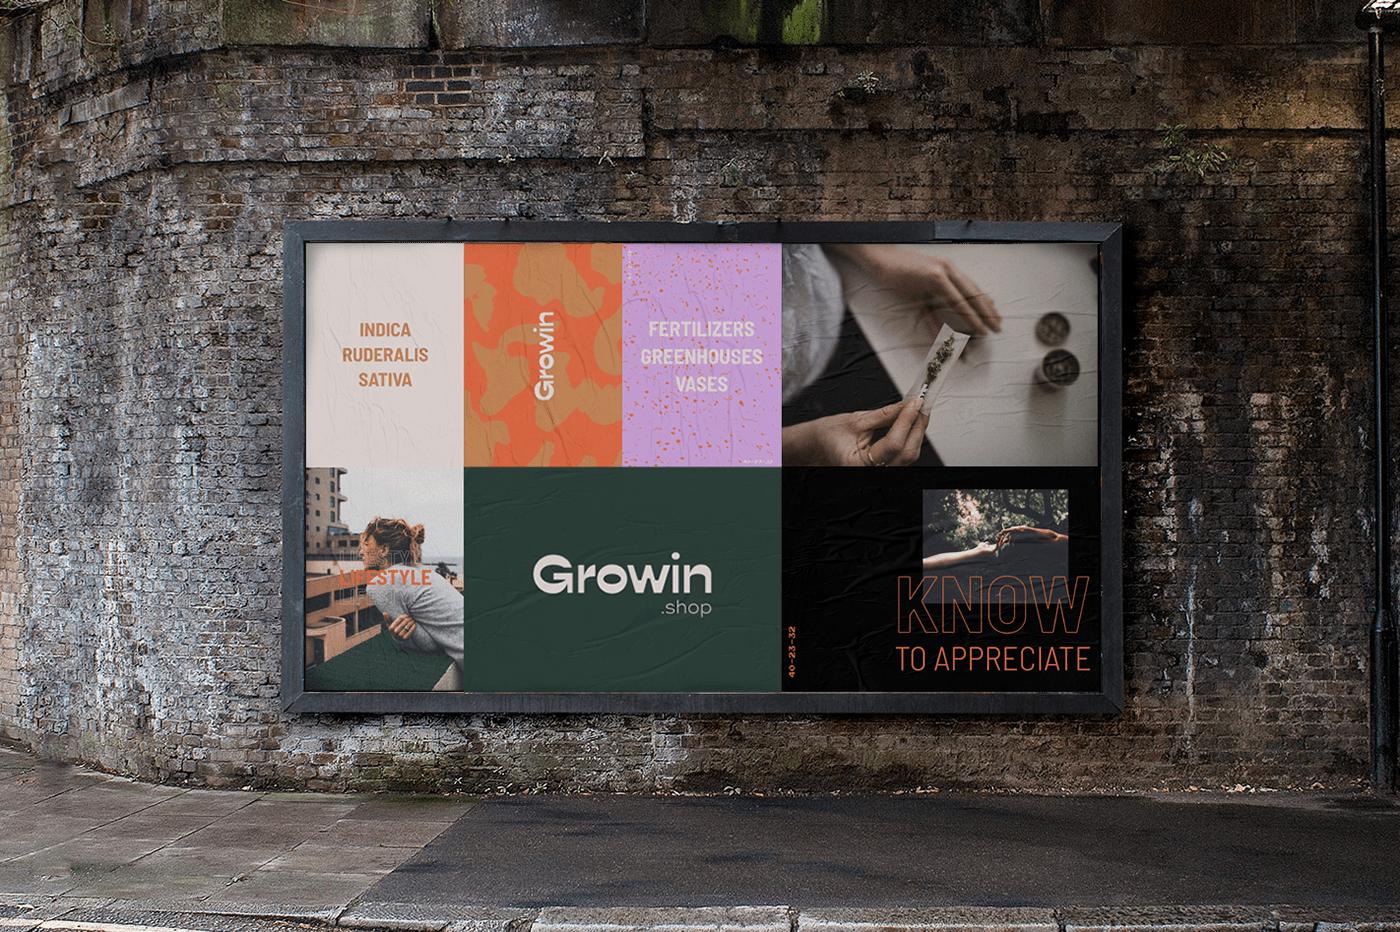 Growin - Growin